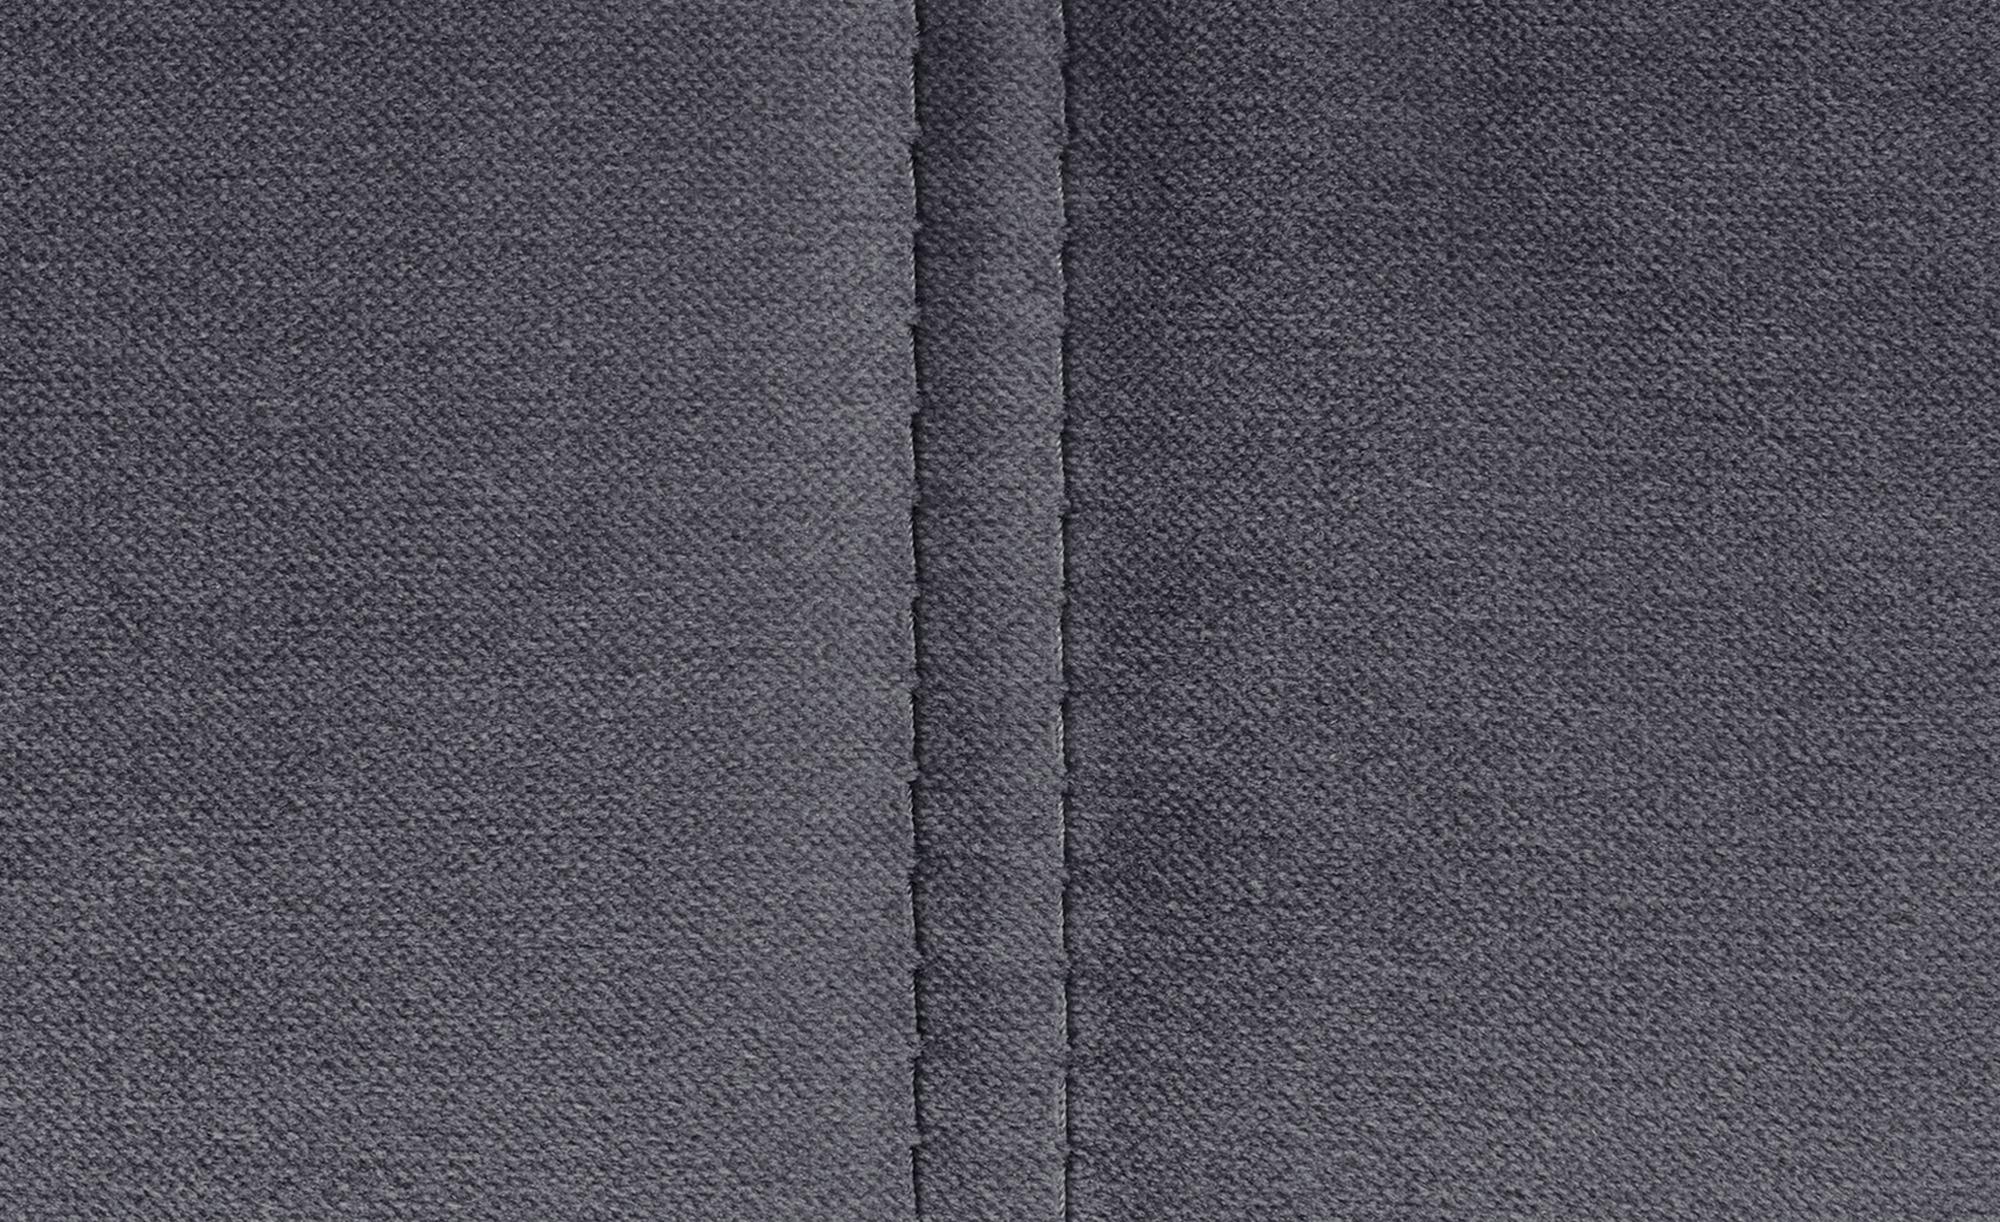 smart Sofa anthrazit - Mikrofaser Geradine ¦ beige ¦ Maße (cm): B: 177 H: 93 T: 92 Polstermöbel > Sofas > 2-Sitzer - Höffner